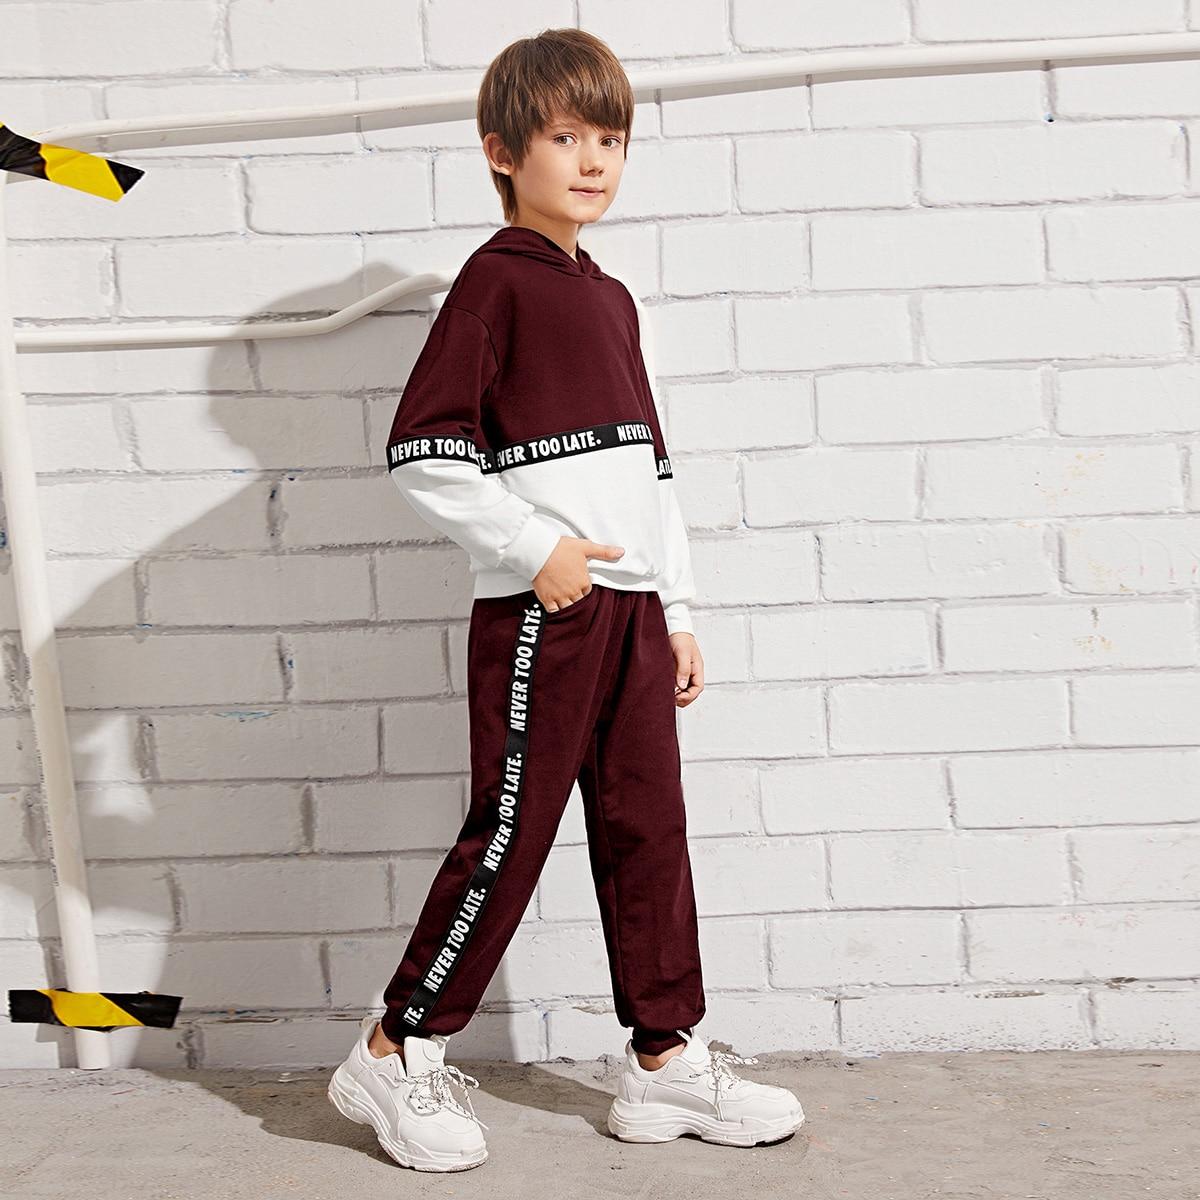 Брюки и двухцветная толстовка с текстовой лентой для мальчиков